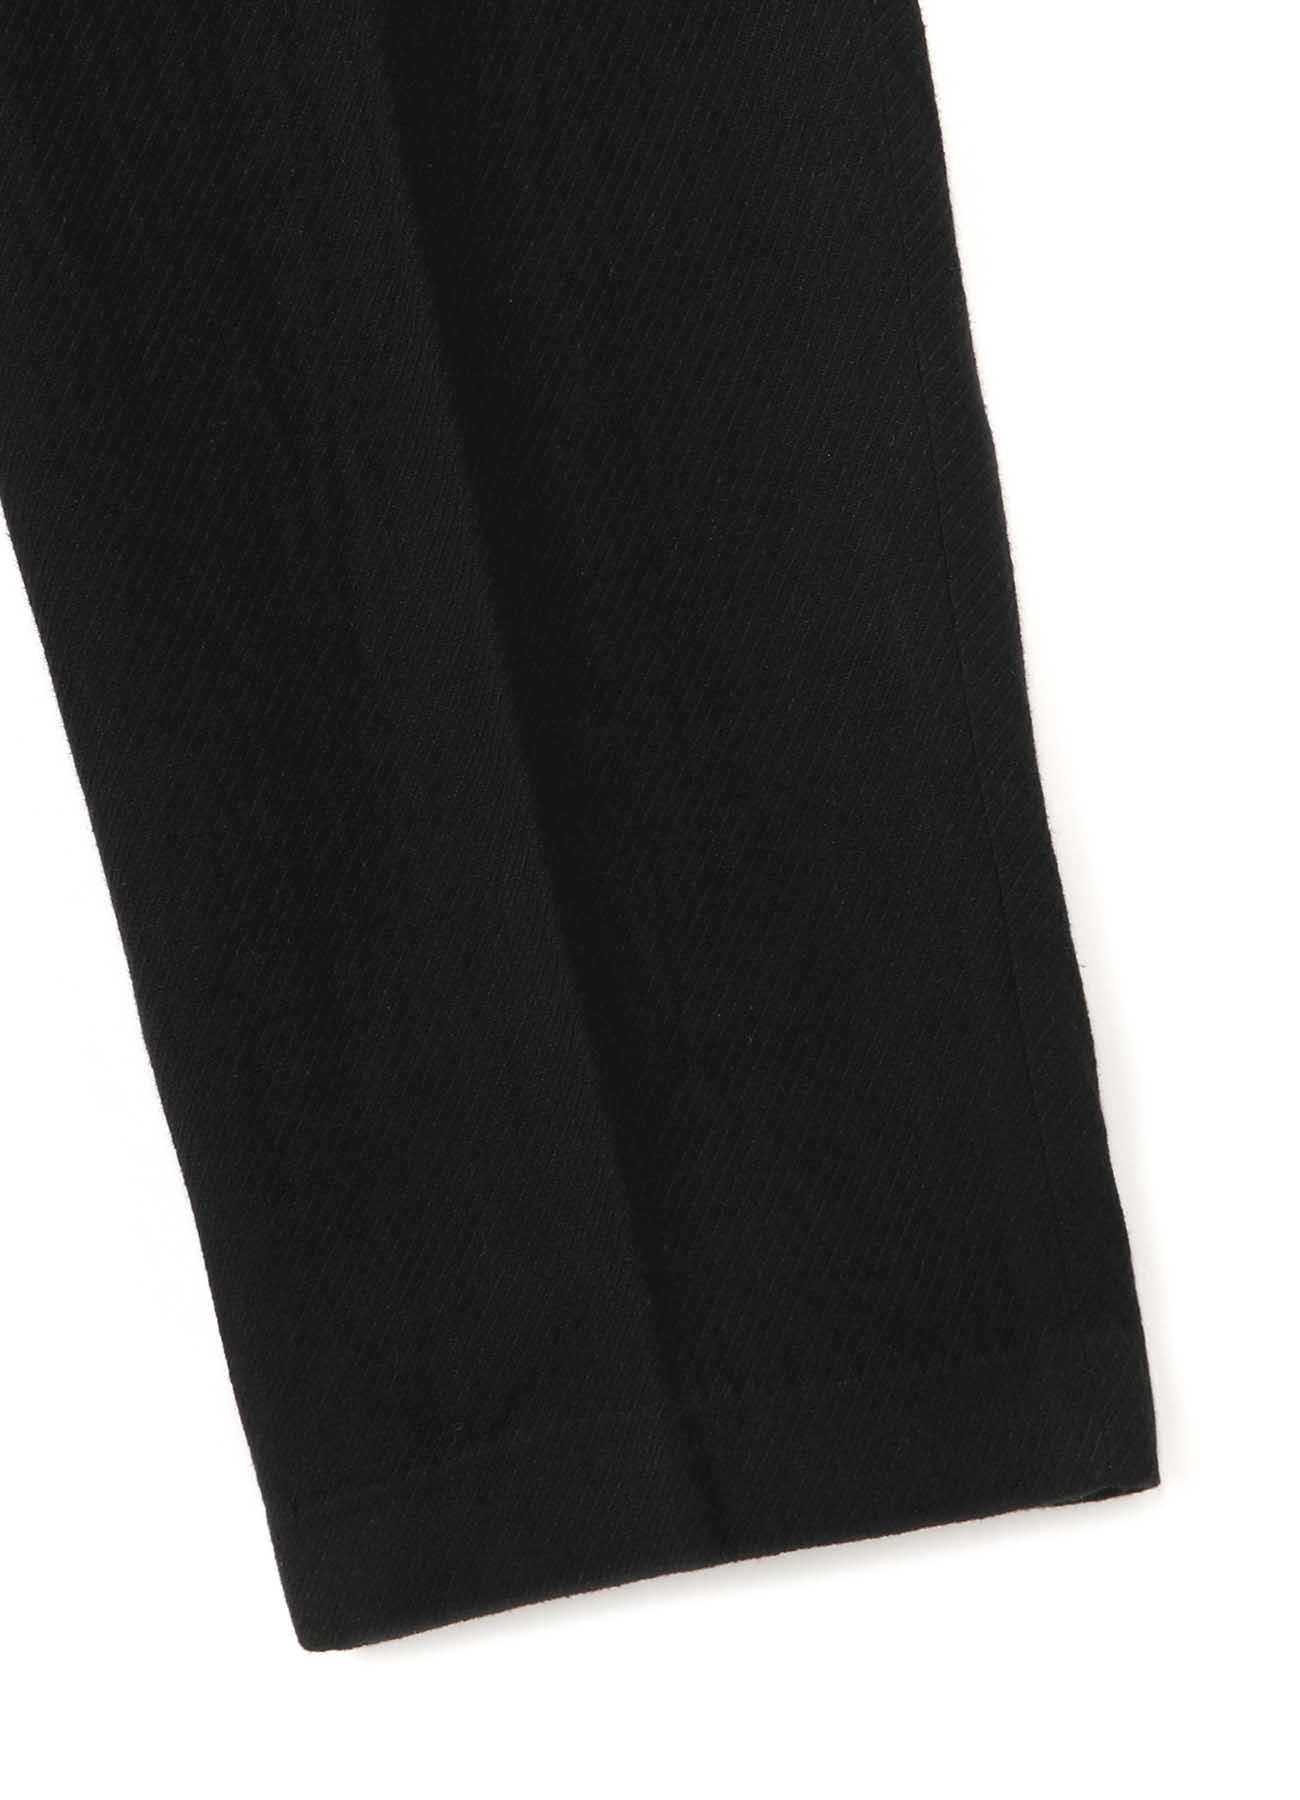 Li/C/Ry CARUSE TUCK PANTS